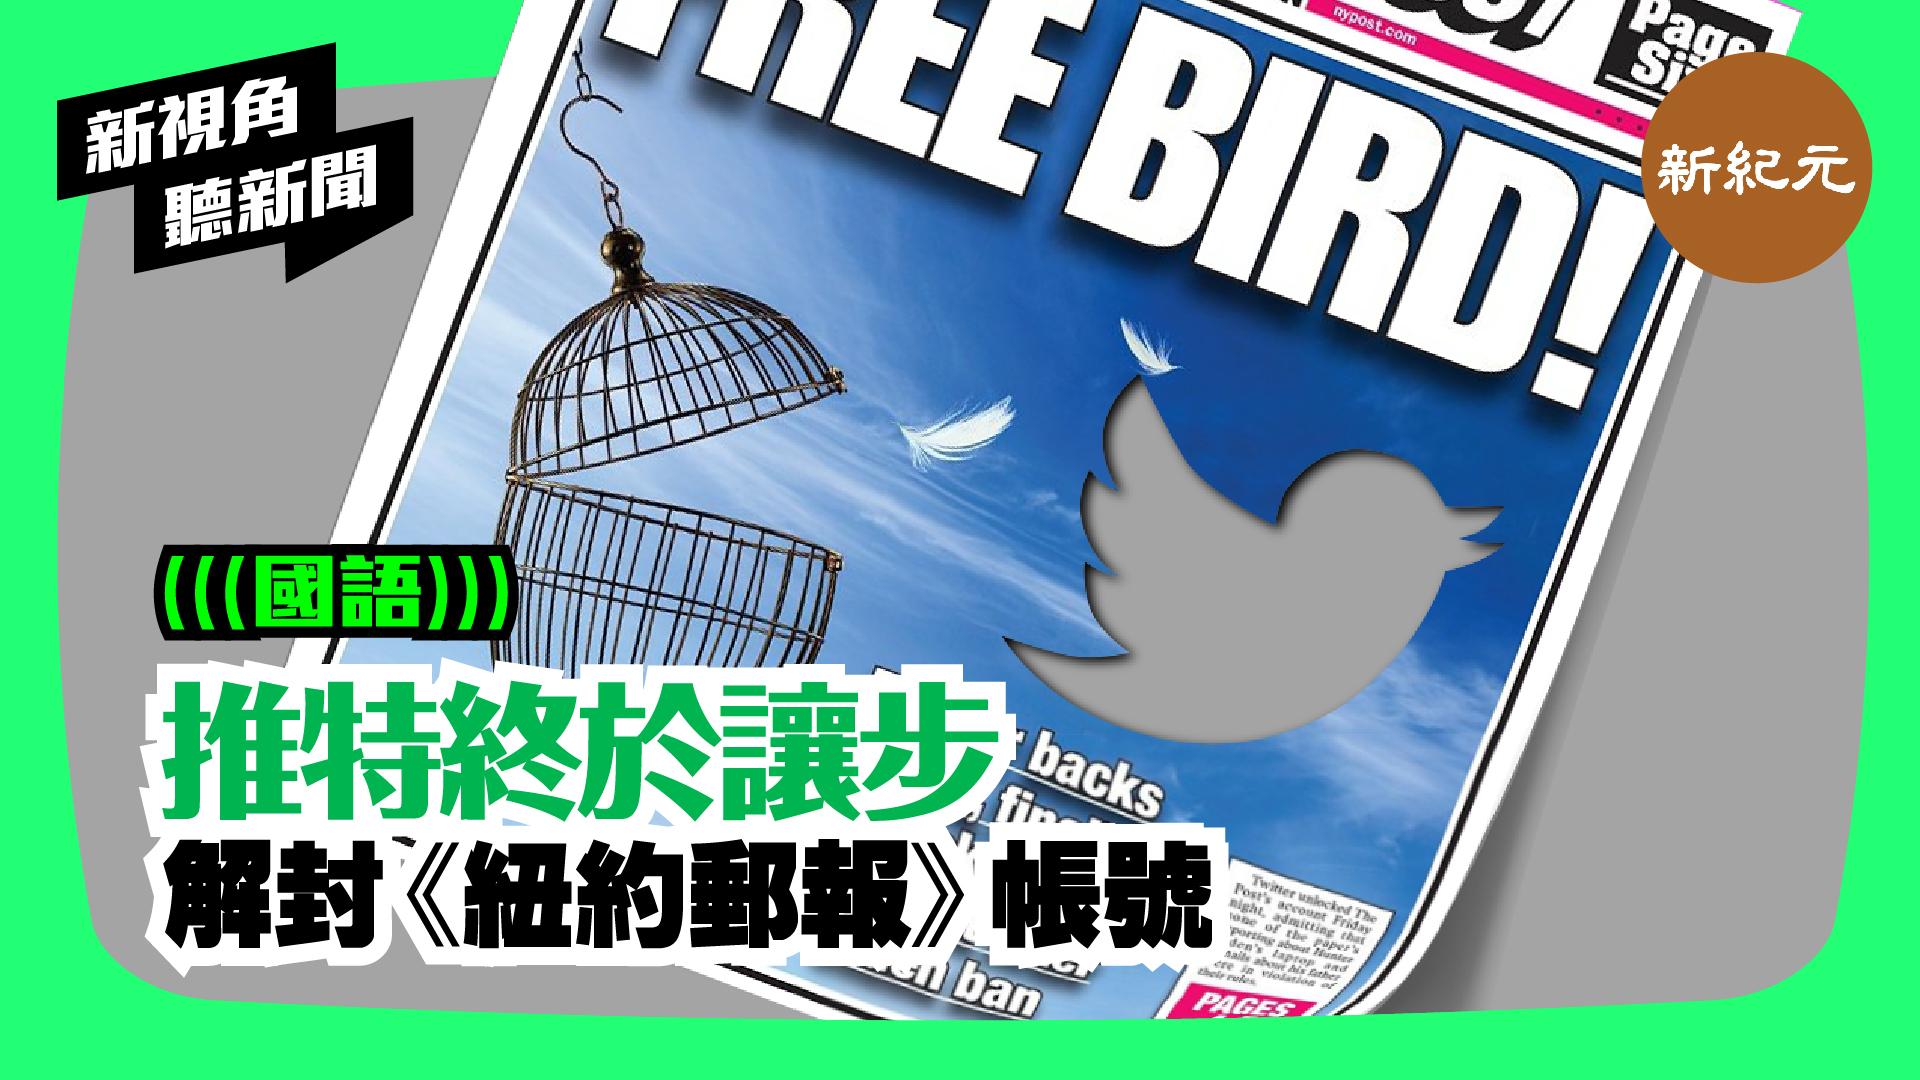 >【新視角聽新聞 #66】推特終於讓步 解封《紐約郵報》帳號